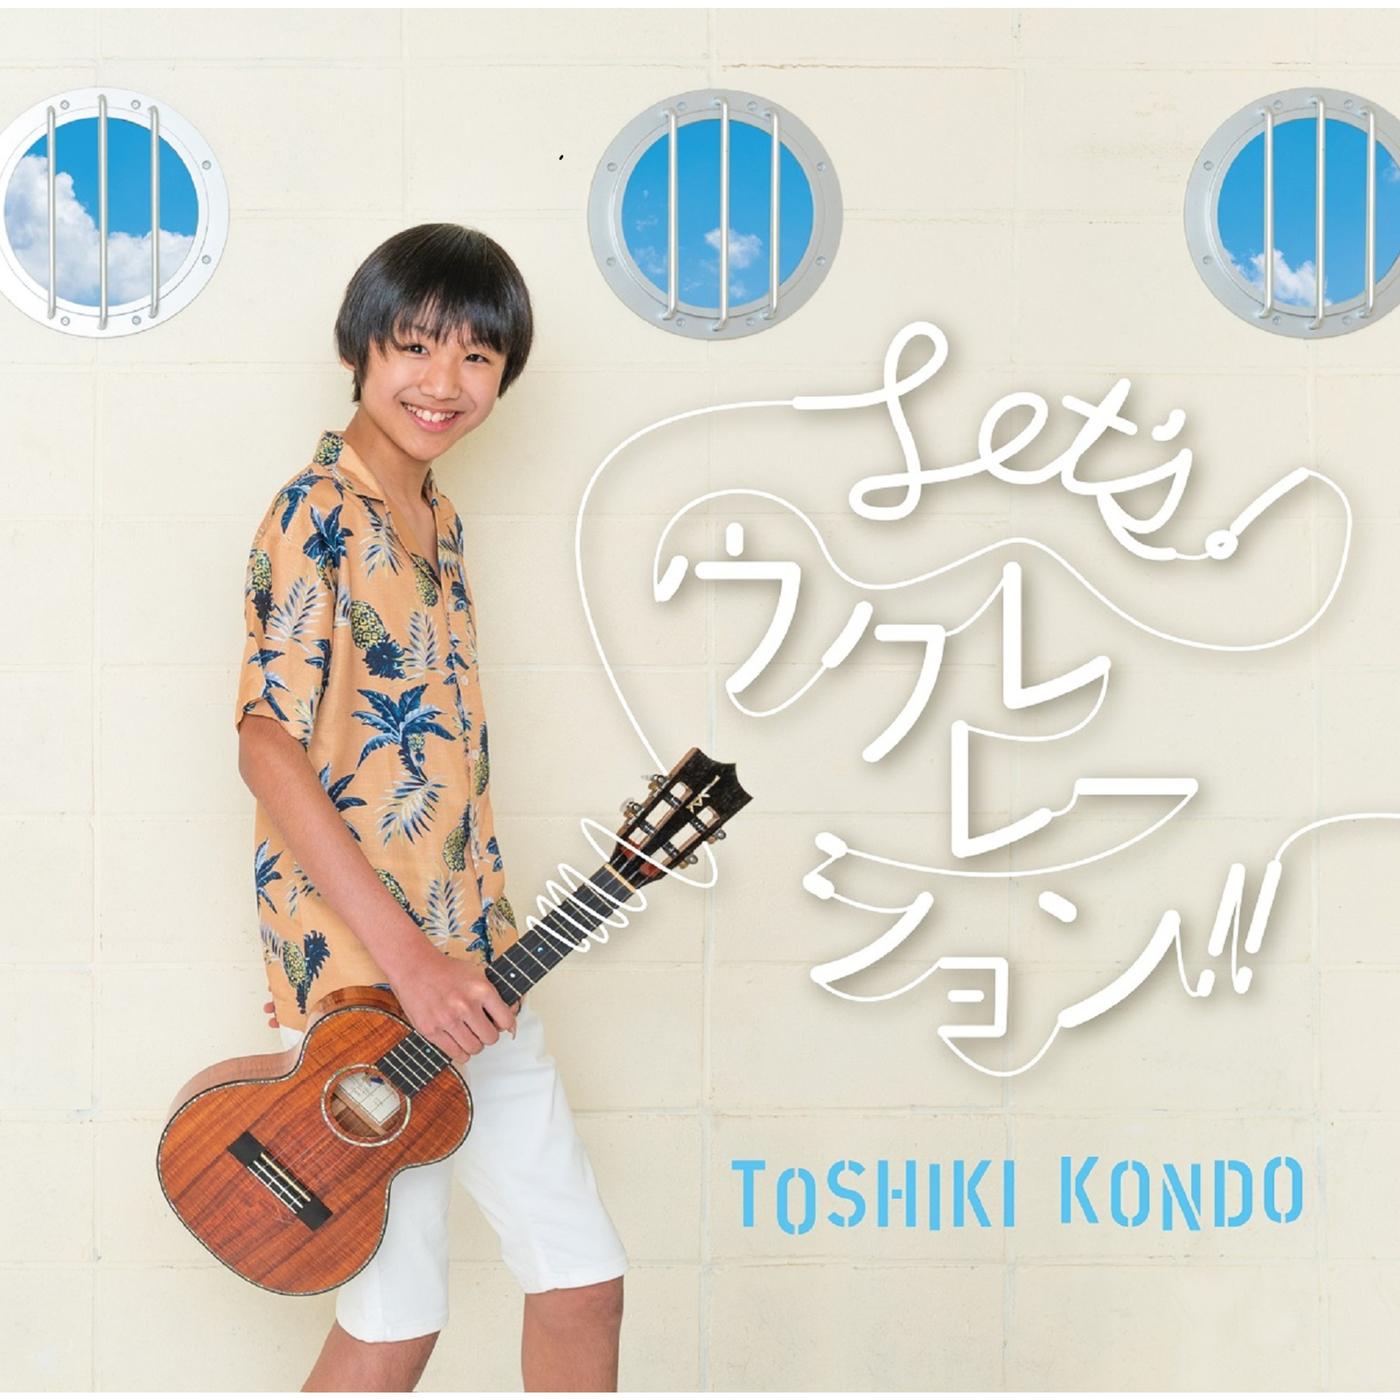 Let's! Ukulelation!! - Toshiki Kondo